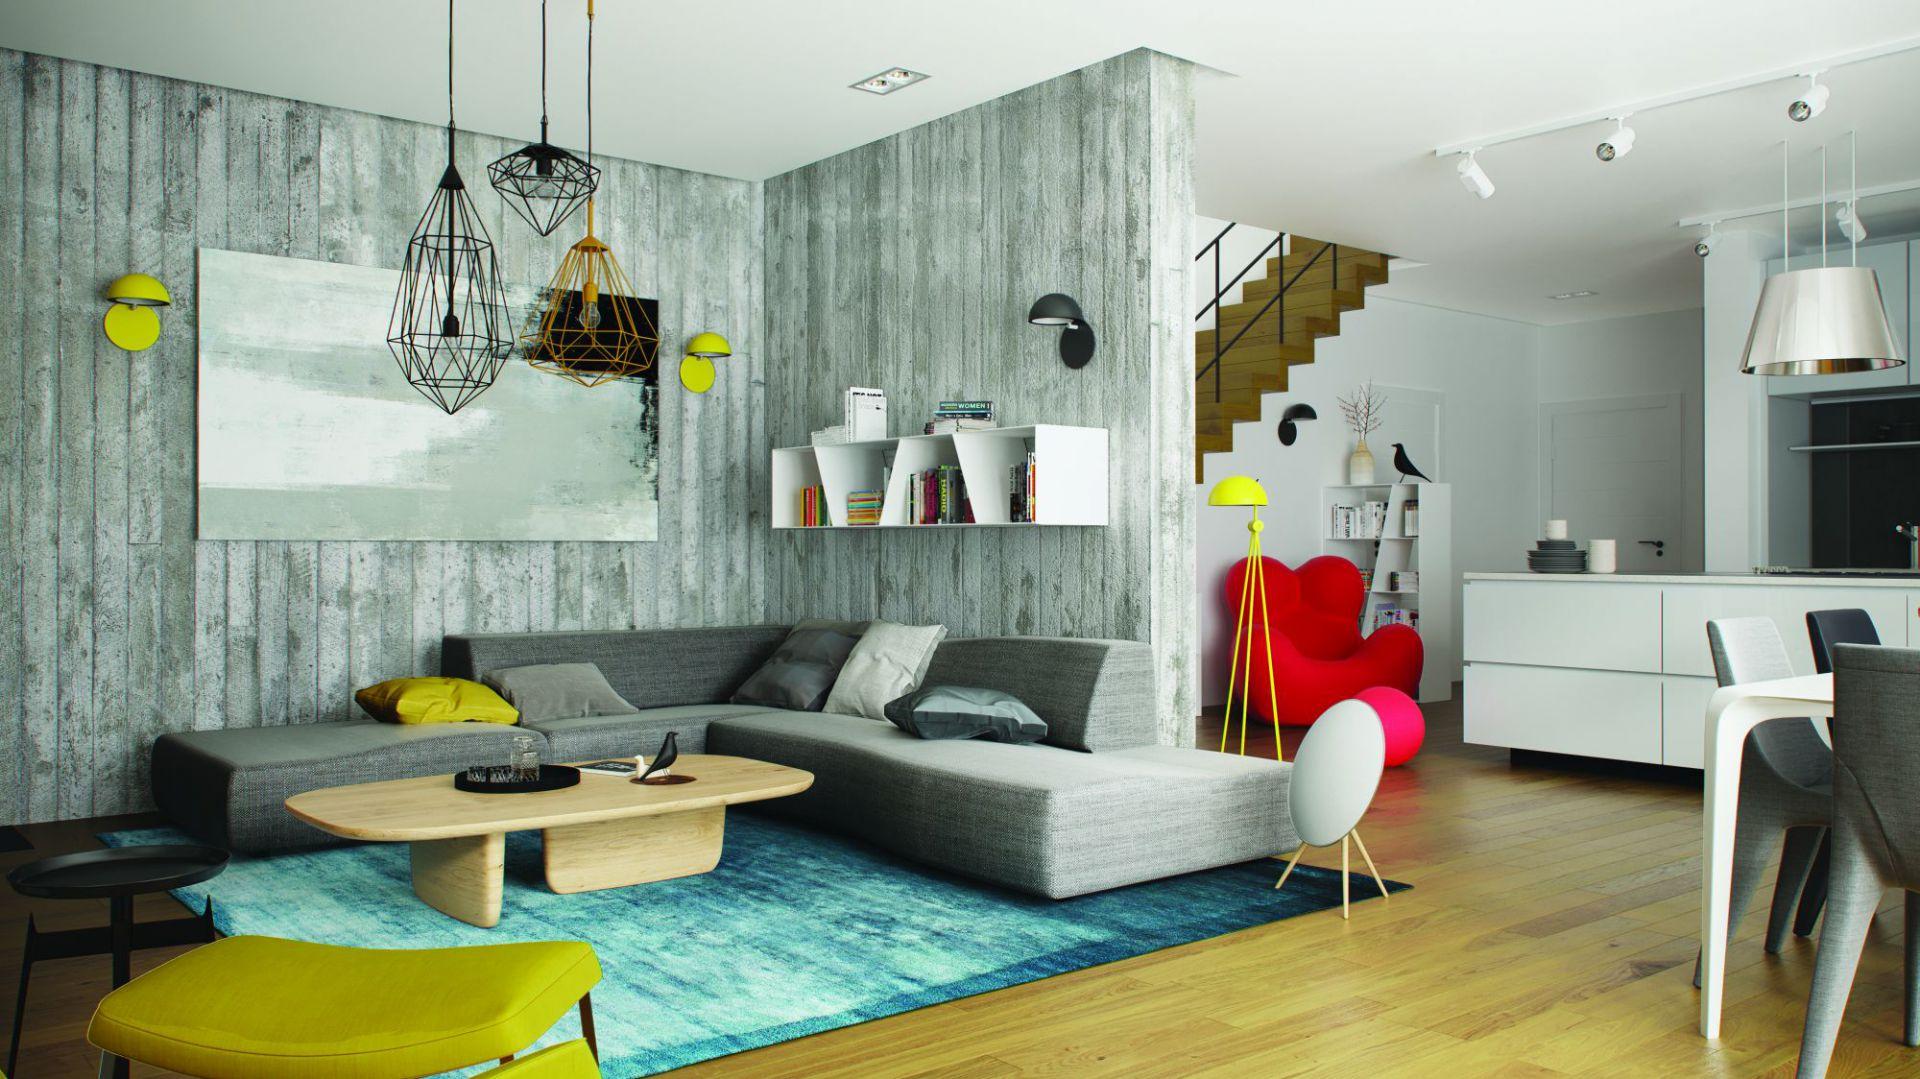 W strefie dziennej rządzą pogodne, energetyczne kolory, dzięki którym całość emanuje świeżością i pozytywną energią. Uwagę zwracają dekoracyjne lampy, a także stylowe dodatki, subtelnie akcentujące elegancki charakter wnętrza. Dom EX 17 W2 Energo Plus. Projekt: Artur Wójciak. Fot. Pracownia Projektowa Archipelag